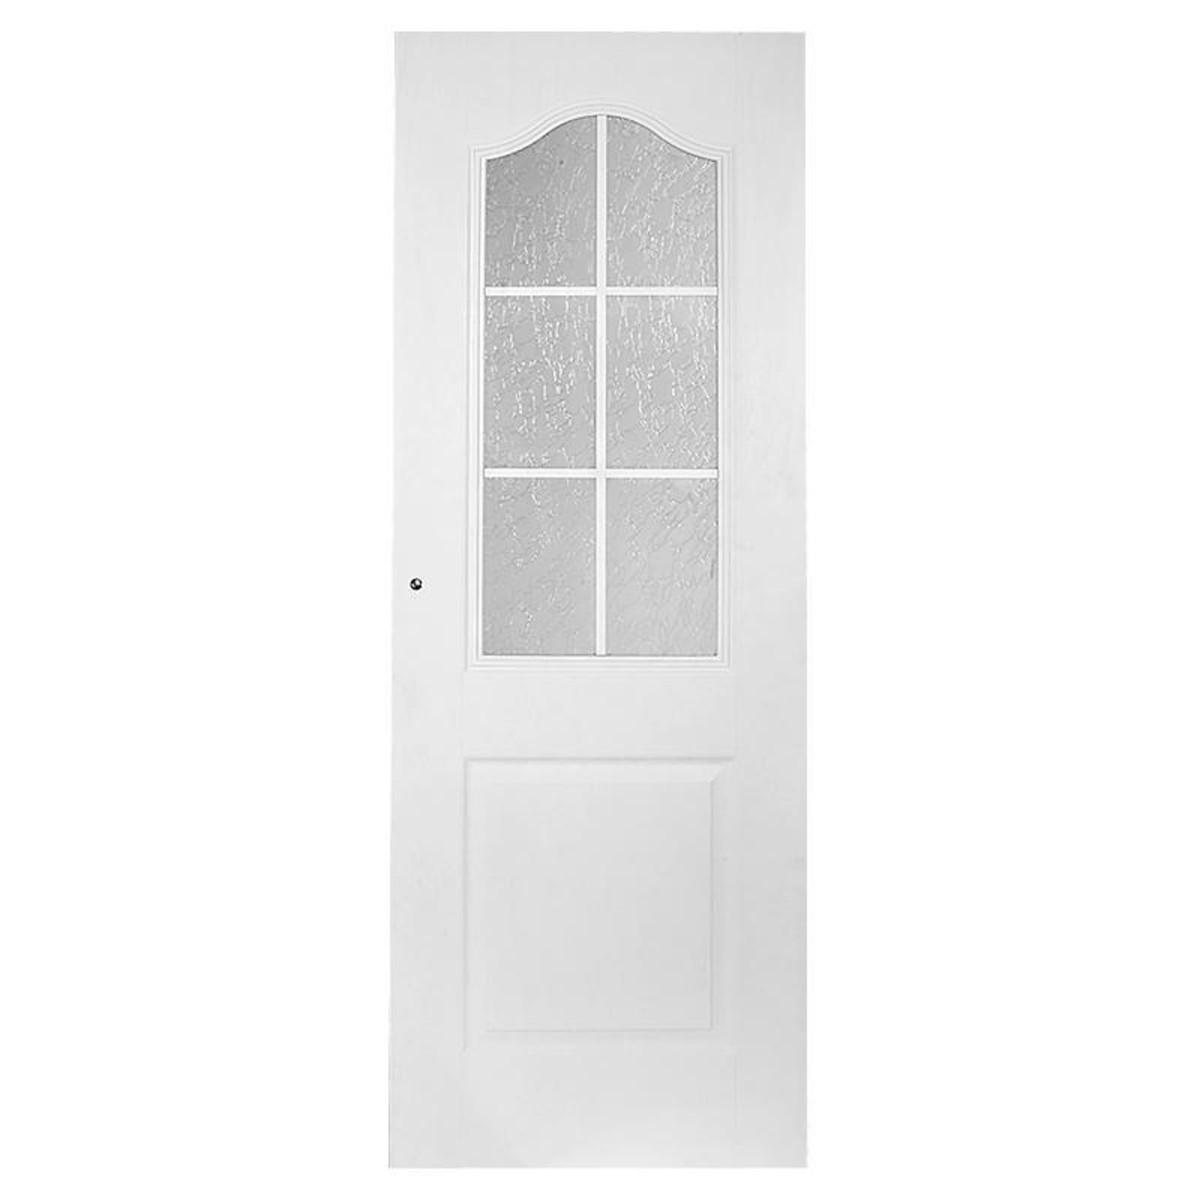 Дверь Межкомнатная Остеклённая Капричеза 900x2000 Ламинация Белый